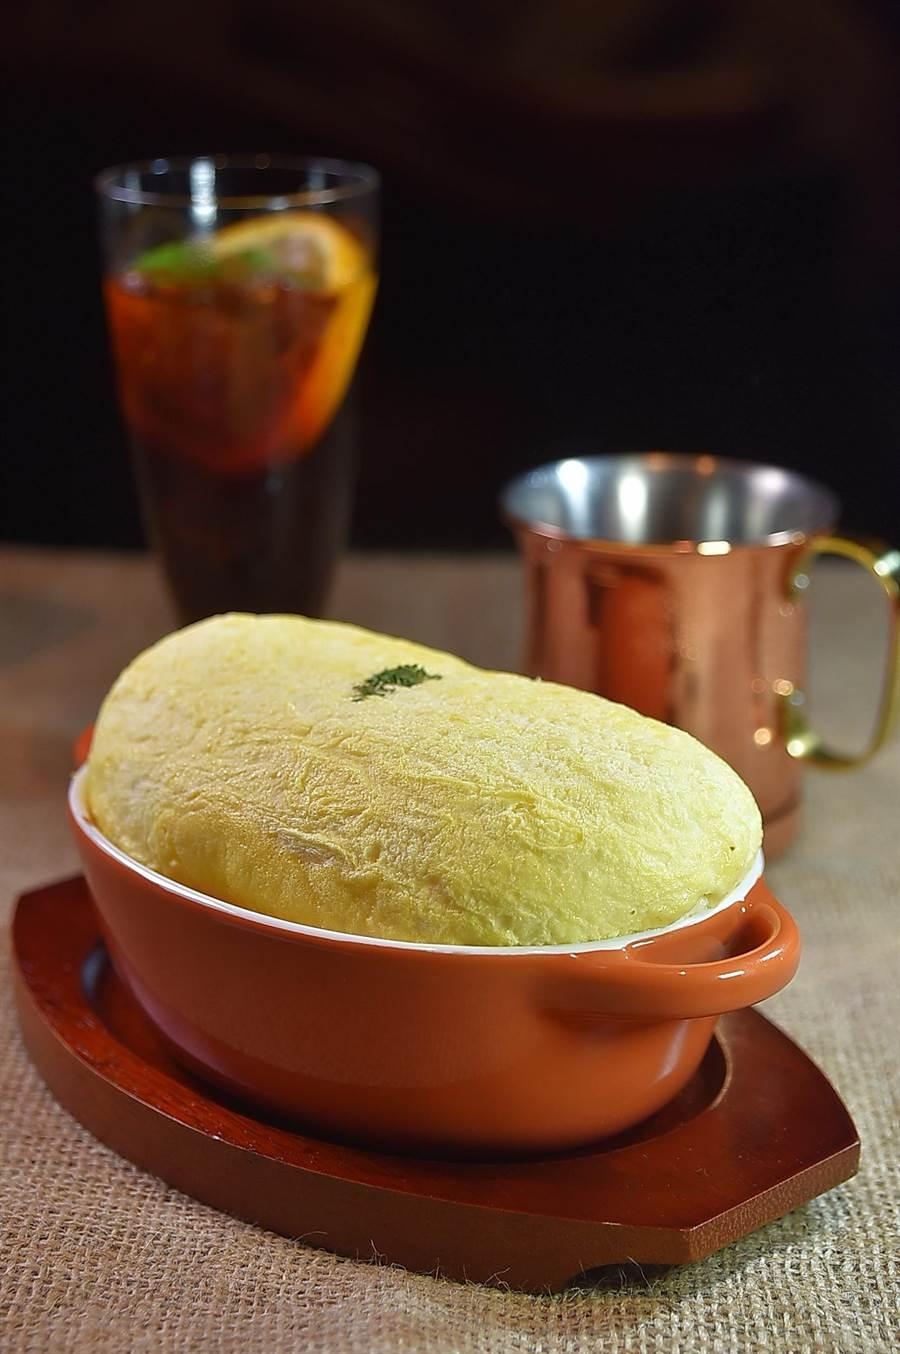 〈多蜜漢堡排舒芙蕾歐姆蛋焗飯〉表面是輕柔澎鬆的烘蛋,底下除有焗飯外還有一塊用美國牛肉絞肉作的漢堡排。(圖/姚舜)